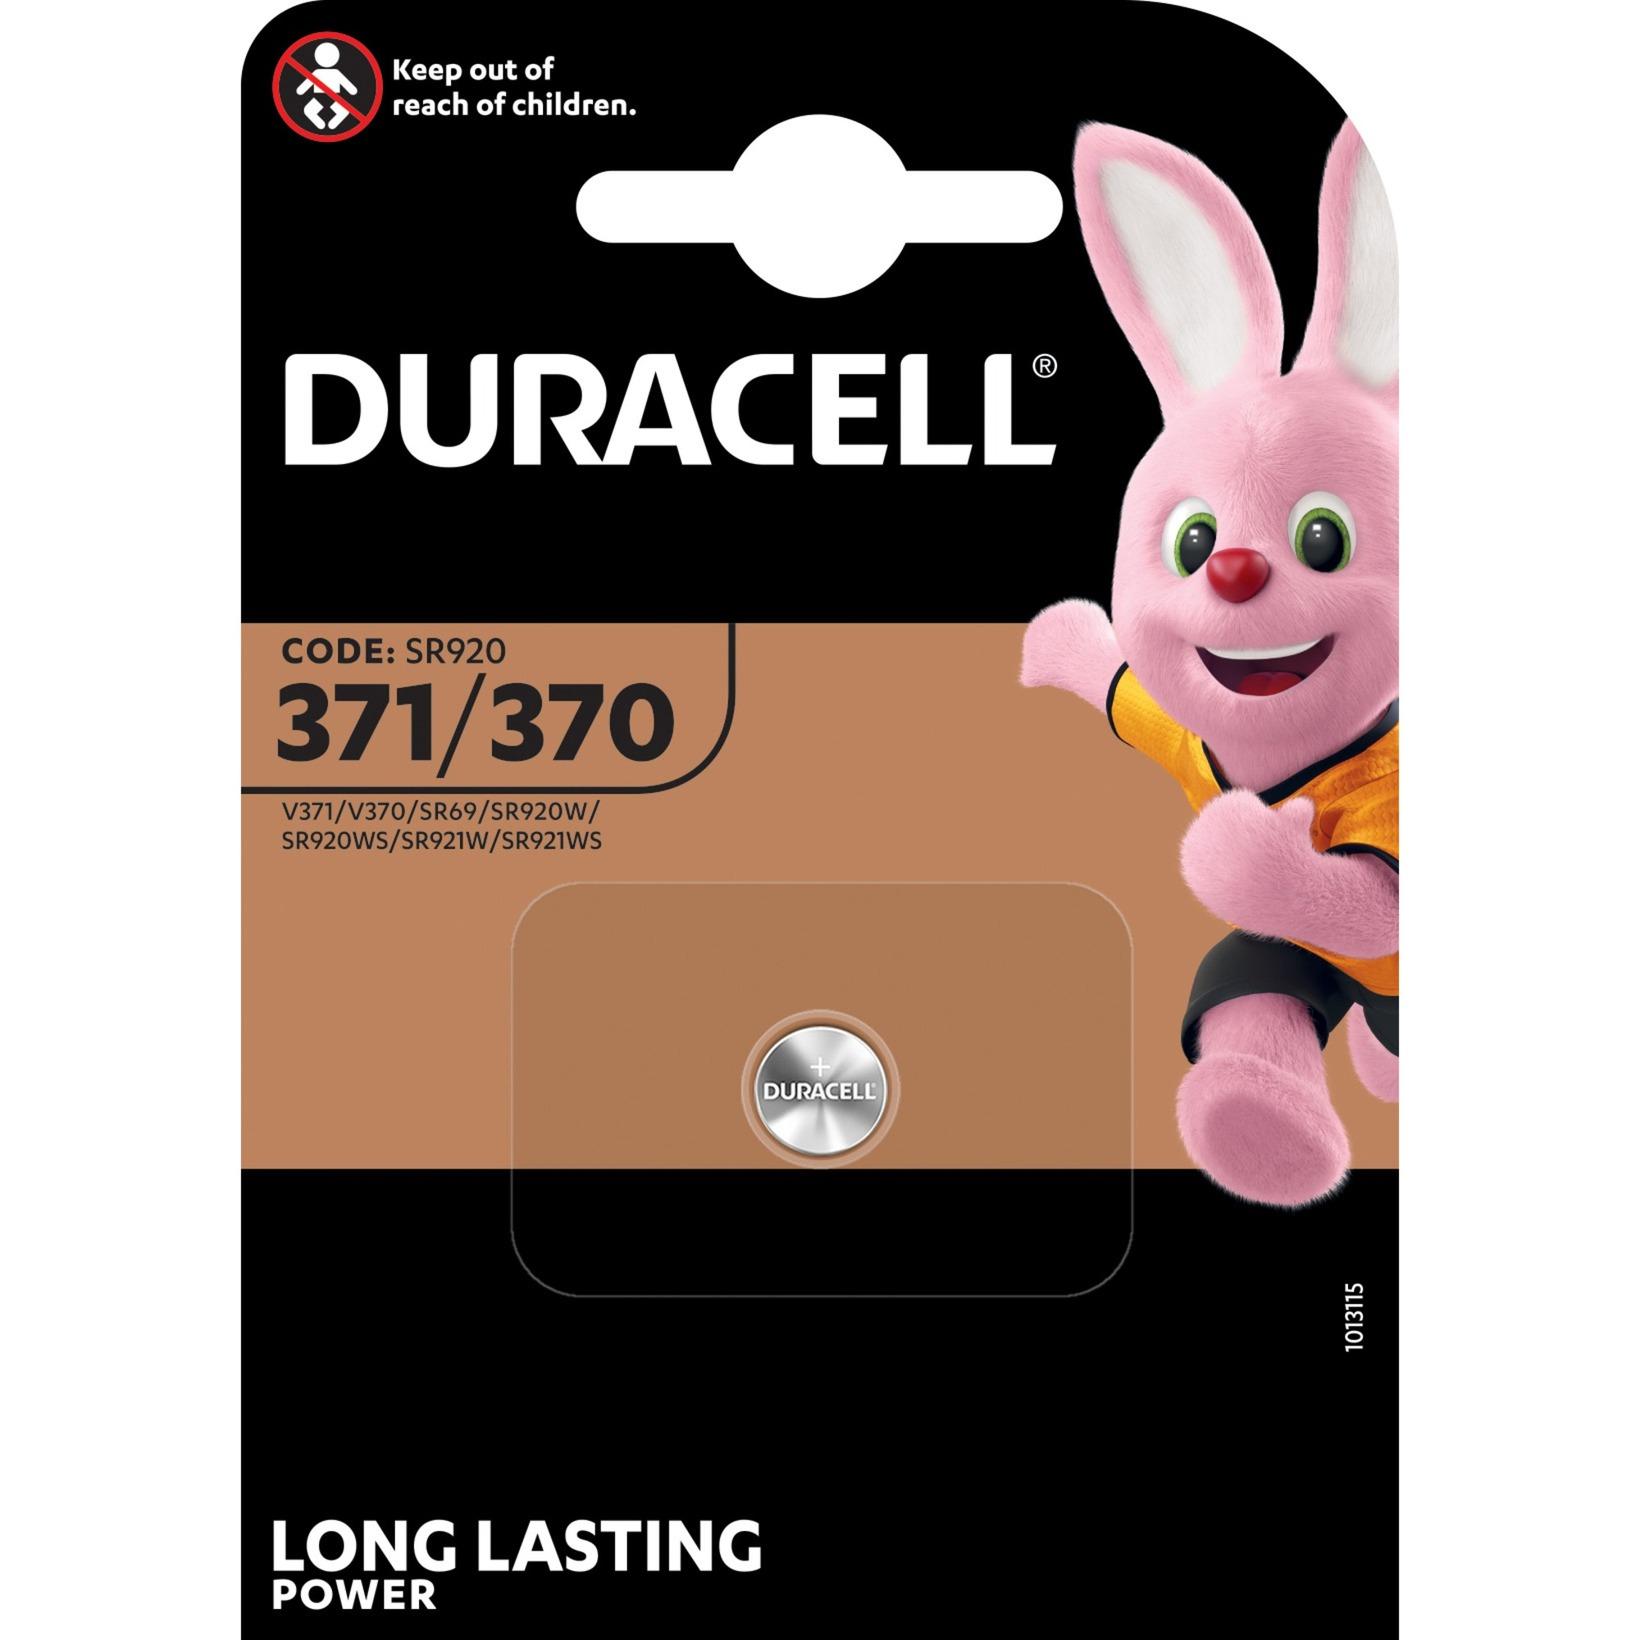 371/370 batería no-recargable Óxido de plata 1,5 V